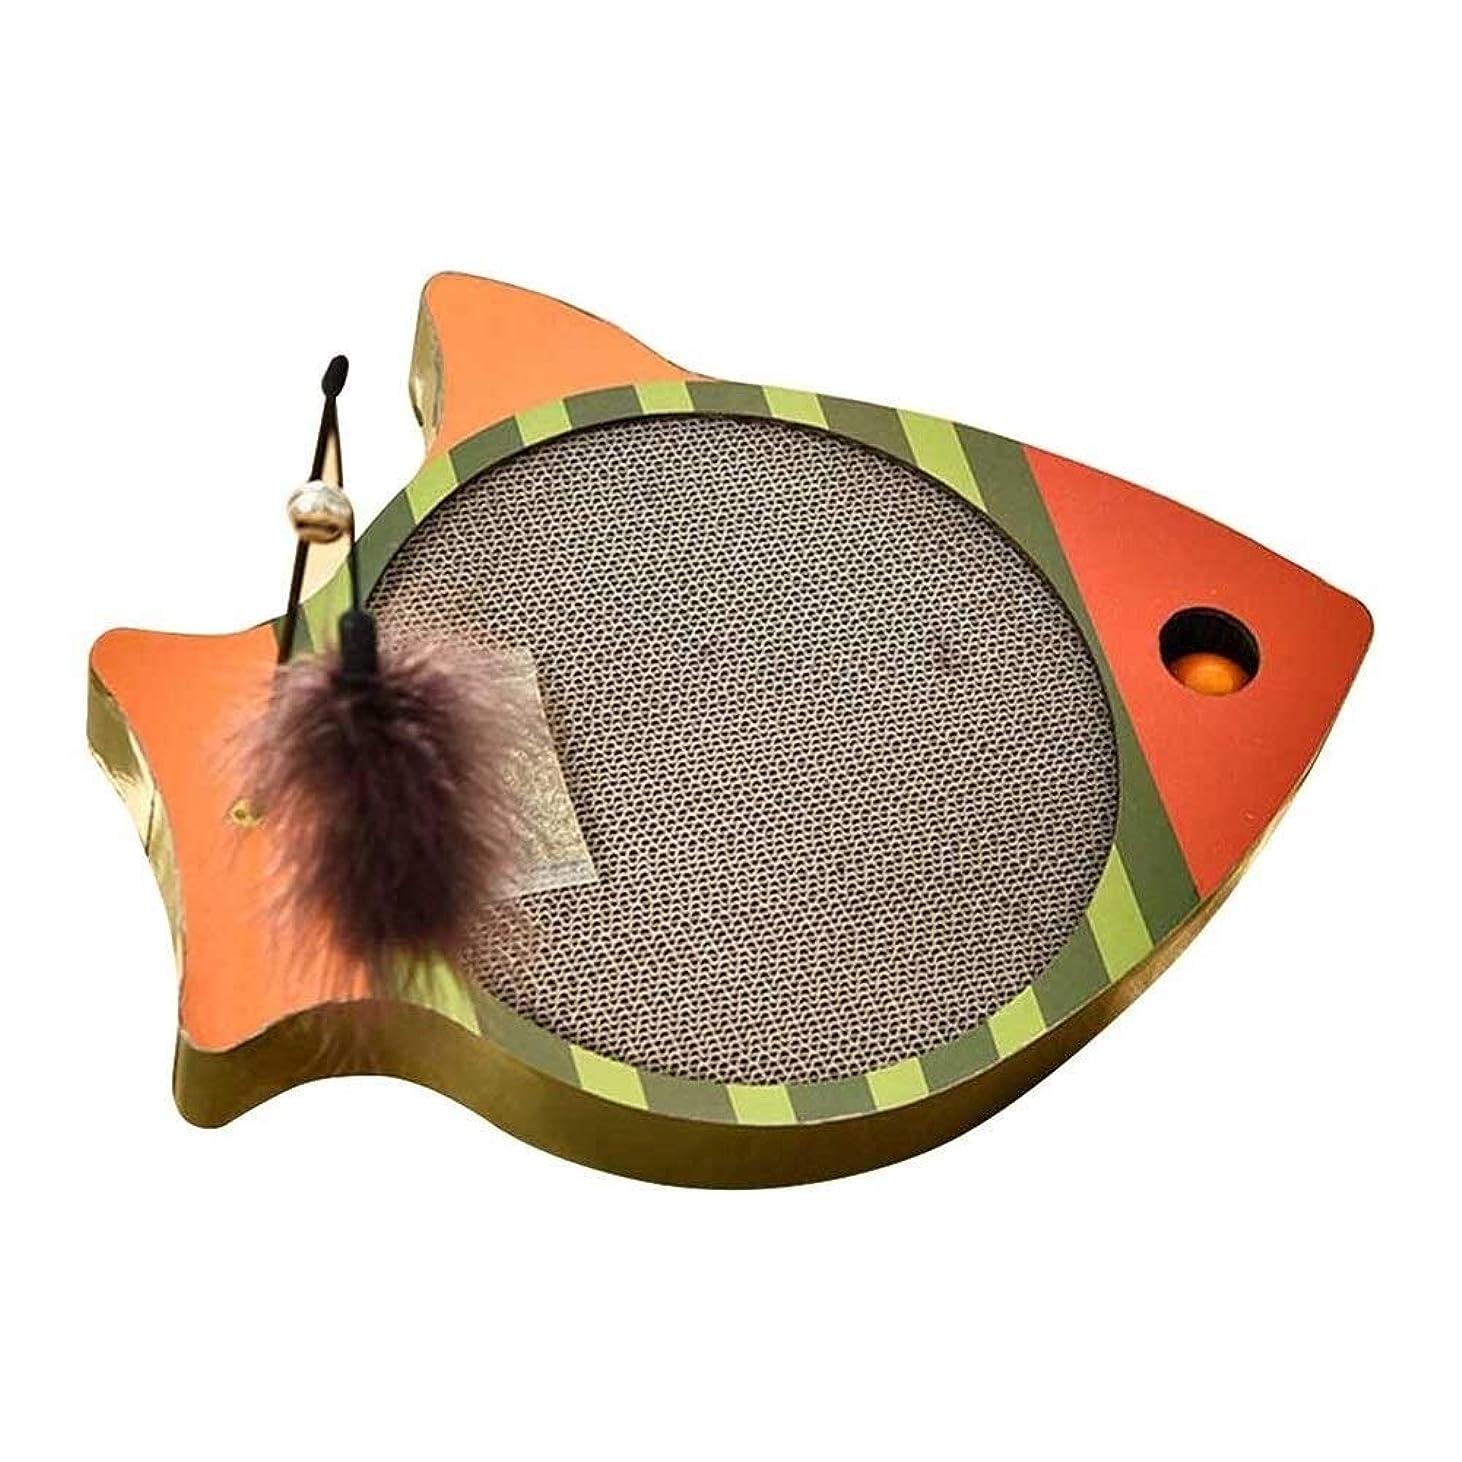 バインド穿孔する創造魚の形キャットスクラッチボードパッドからかうペット段ボール安全なカードボードスクラッ玩具 羽 猫の羽のおもちゃ ランキング ボール (Color : A1, Size : M)